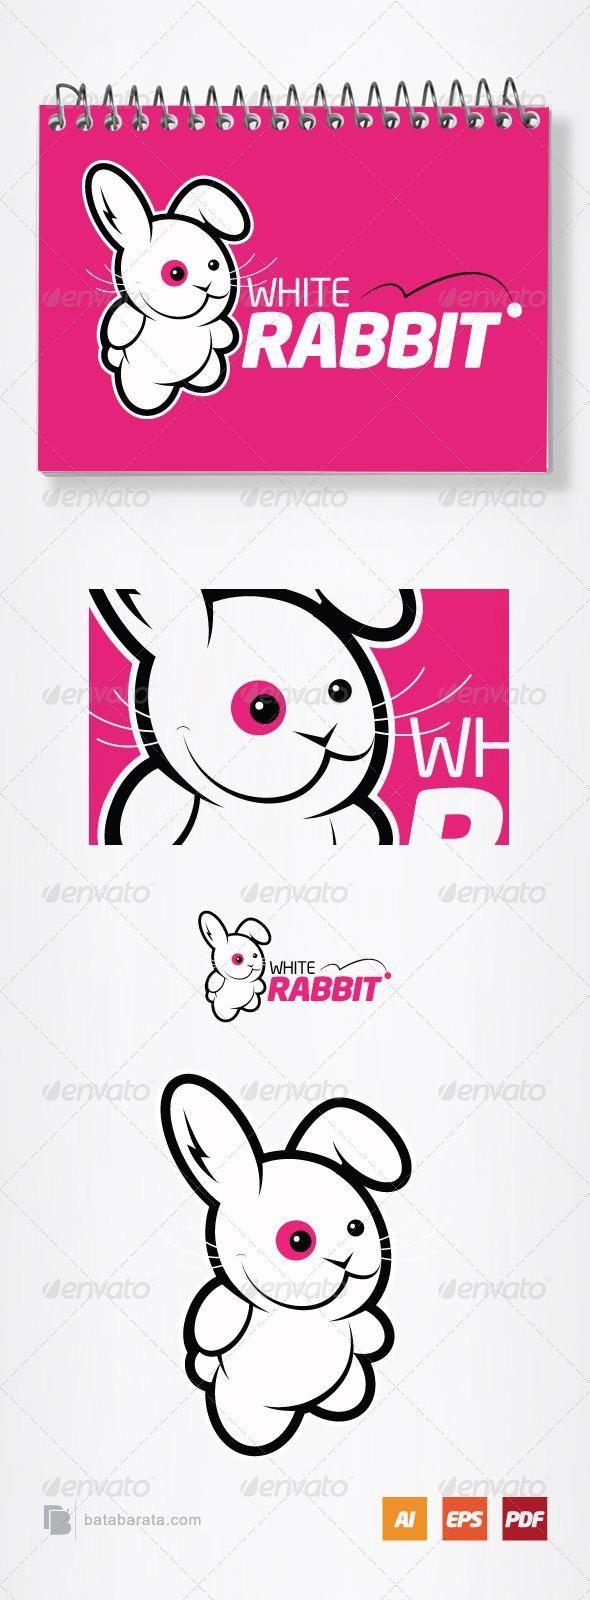 White Rabbit Logo Template for 29 logo graphics